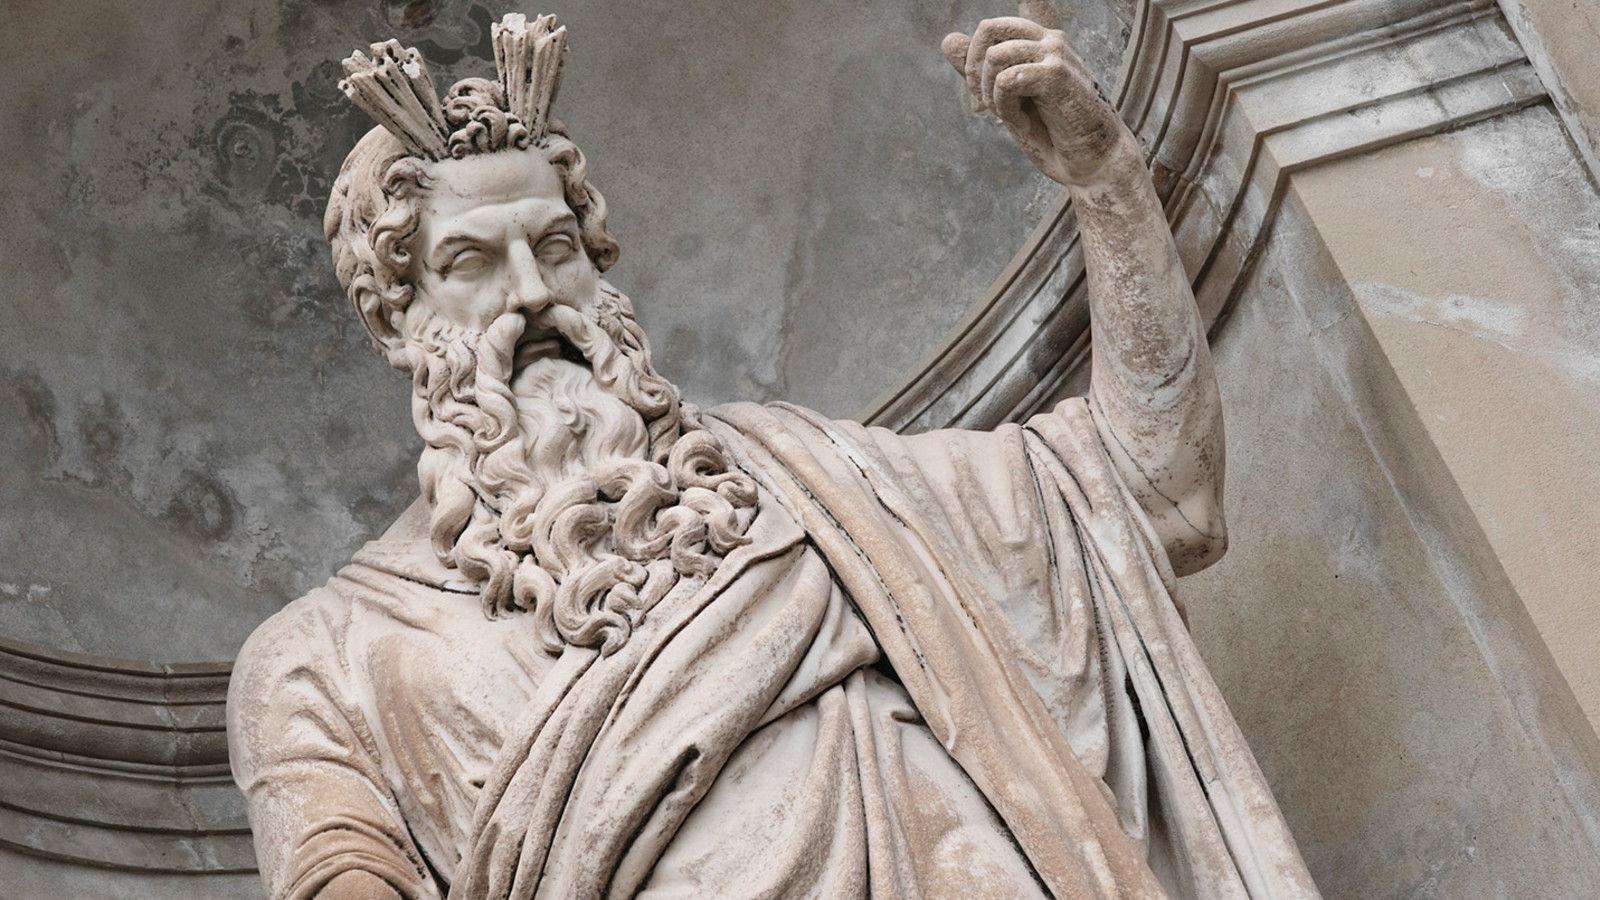 Última: Zeus llegó a metamorfosearse en muchos animales para tener relaciones, pero ¿en que animal no se transformó nunca?